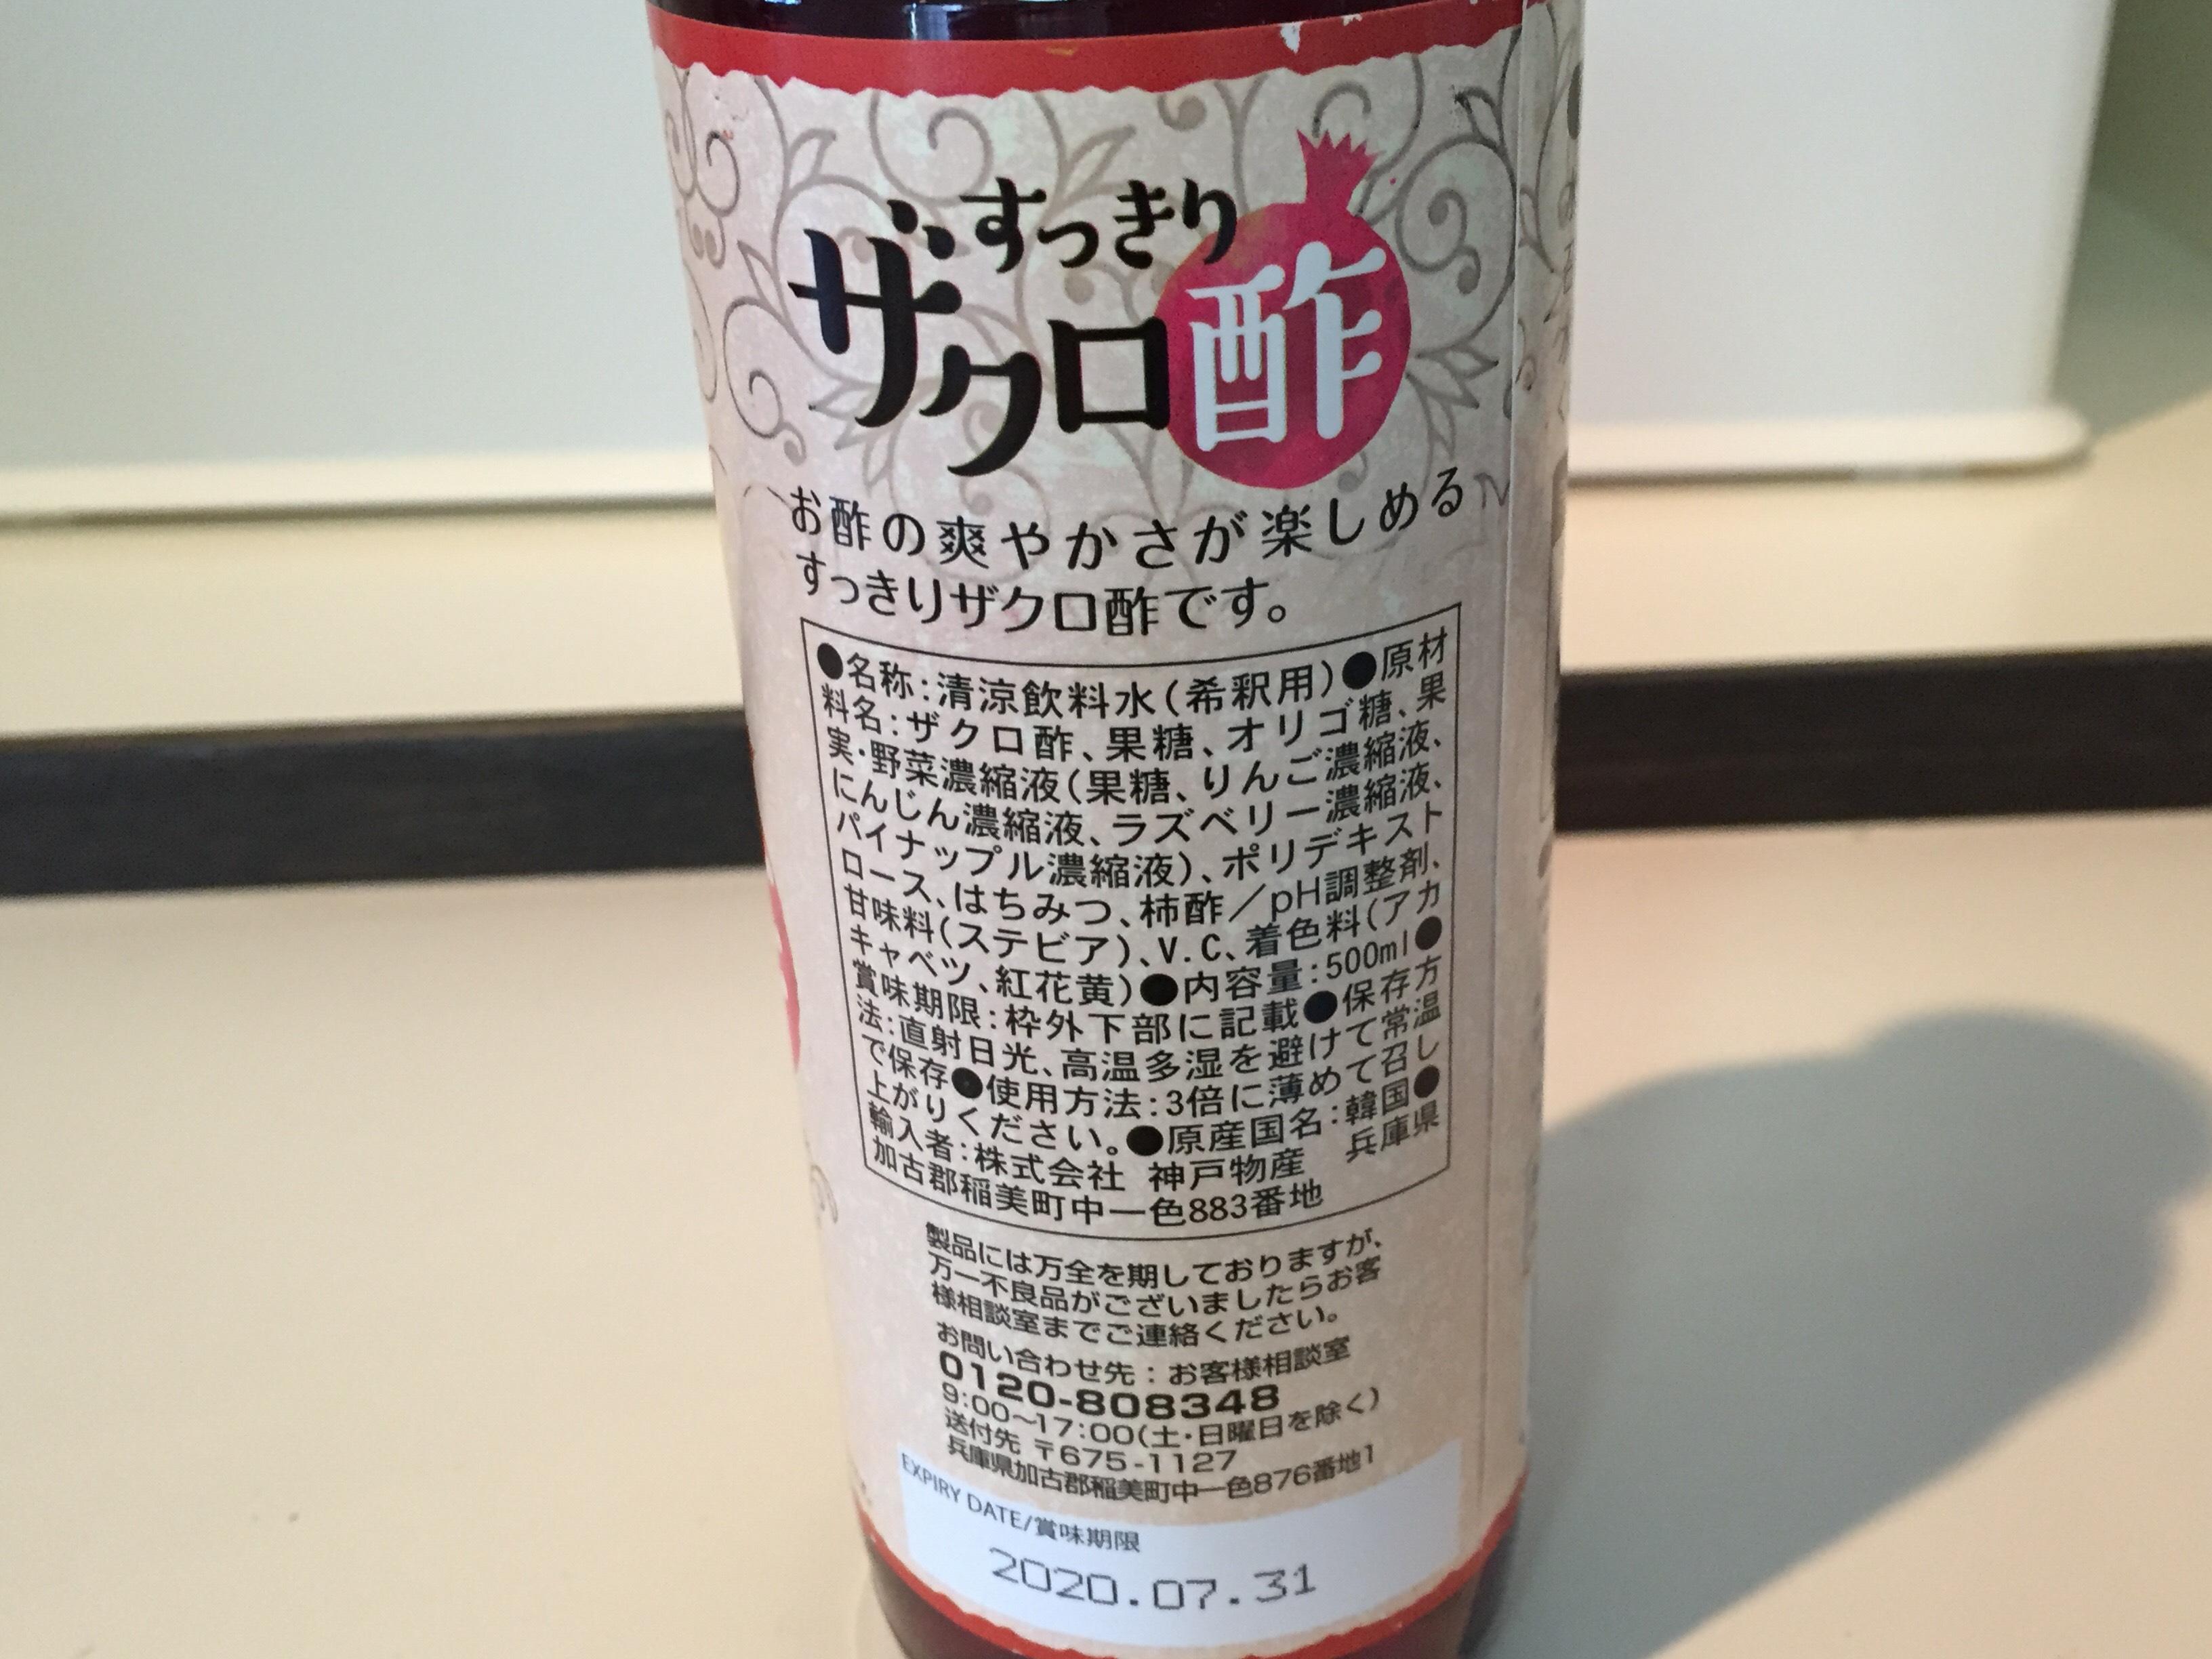 ザクロ酢 業務スーパー